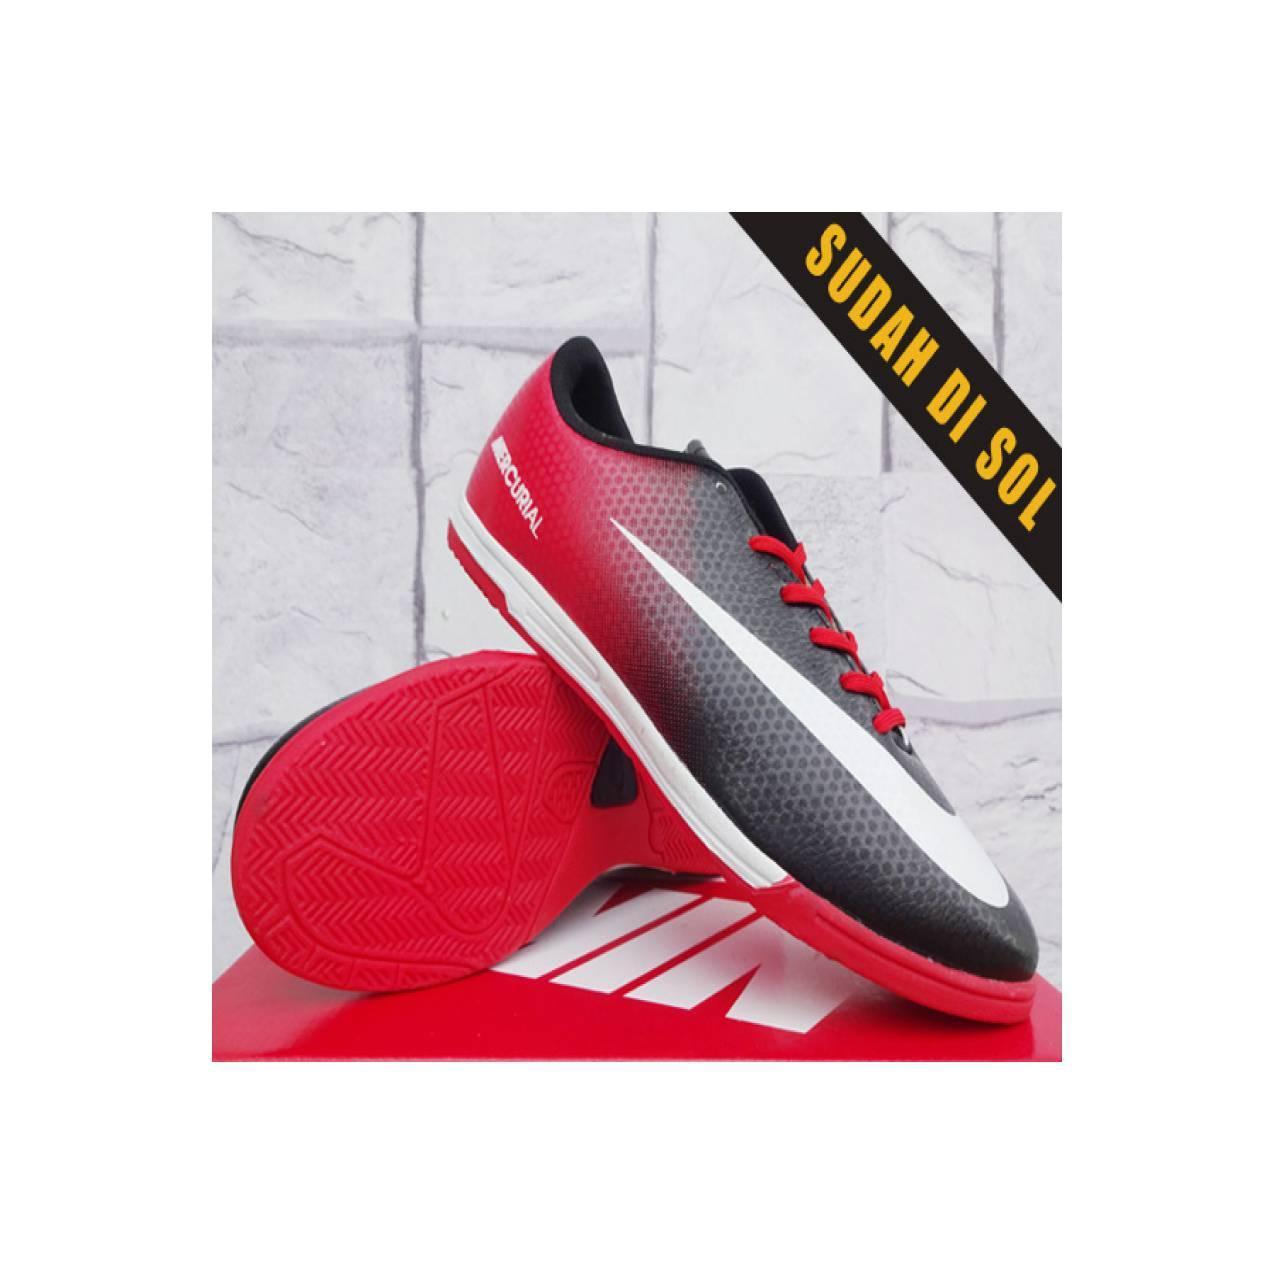 Nike Mercurial Vapor IX Hitam merah(sepatu futsal,bola,sekolah,ol